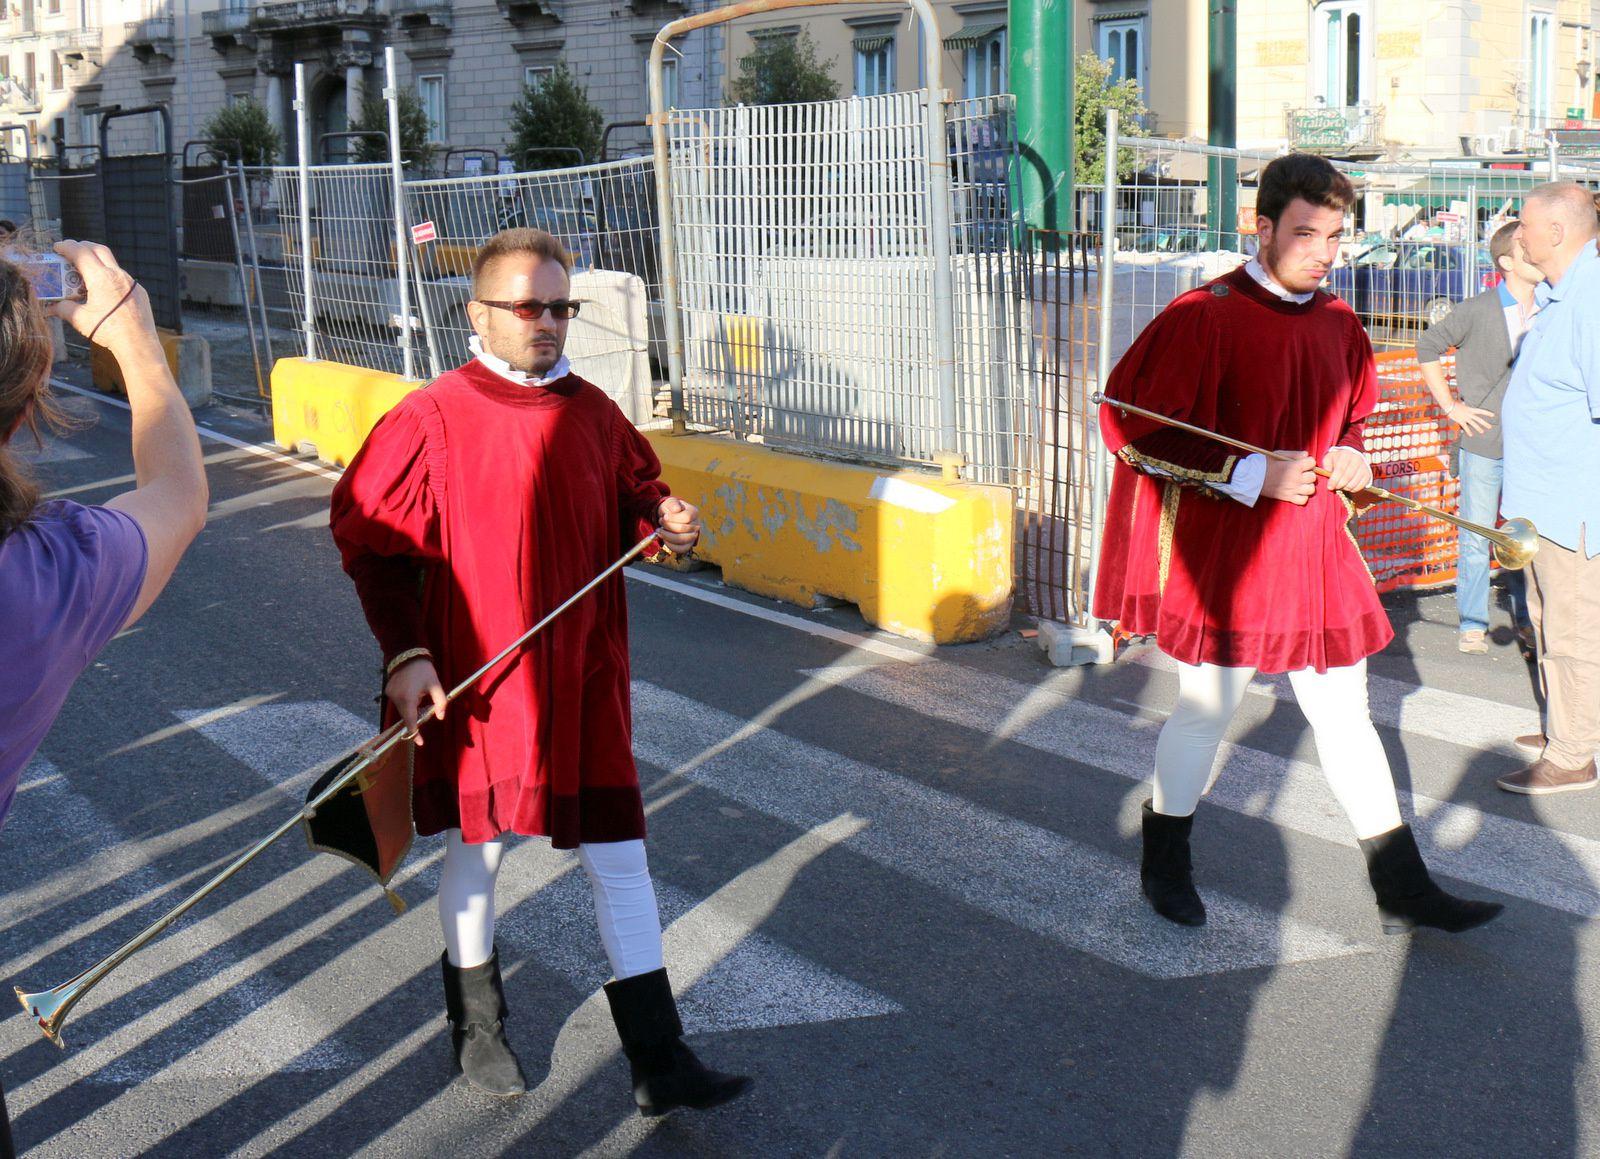 Défilé médiéval à Naples, tambours et trompettes